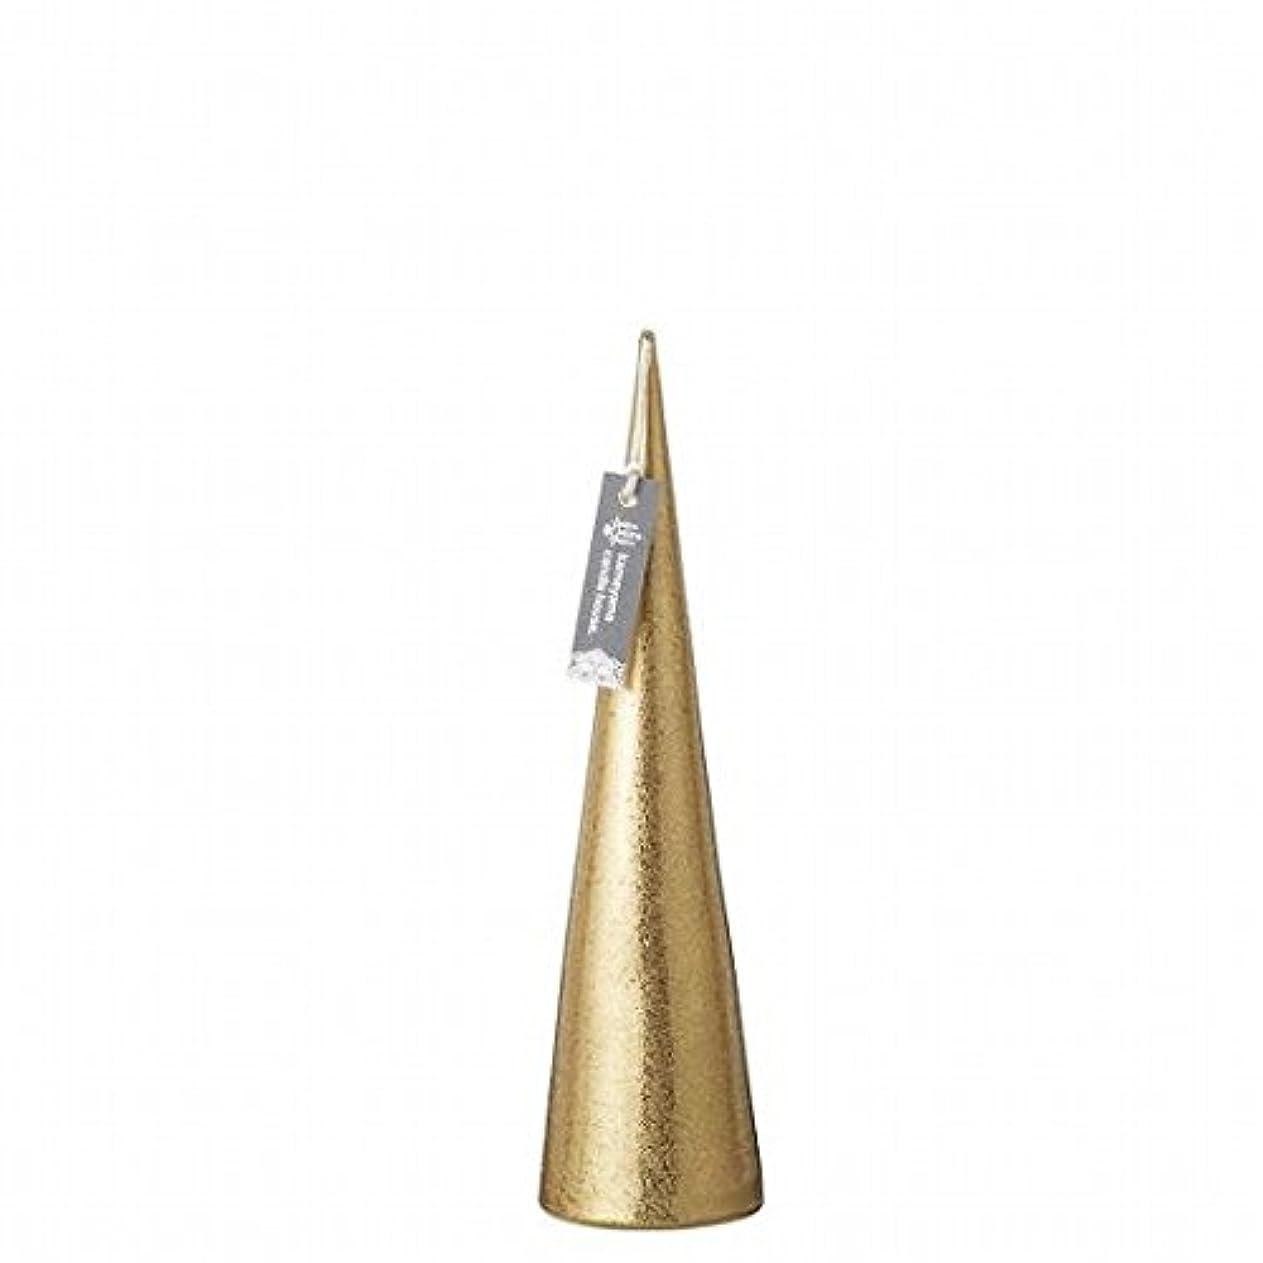 知覚するすごいブランドkameyama candle(カメヤマキャンドル) メタリックコーンM「 ゴールド 」(A9560110GO)